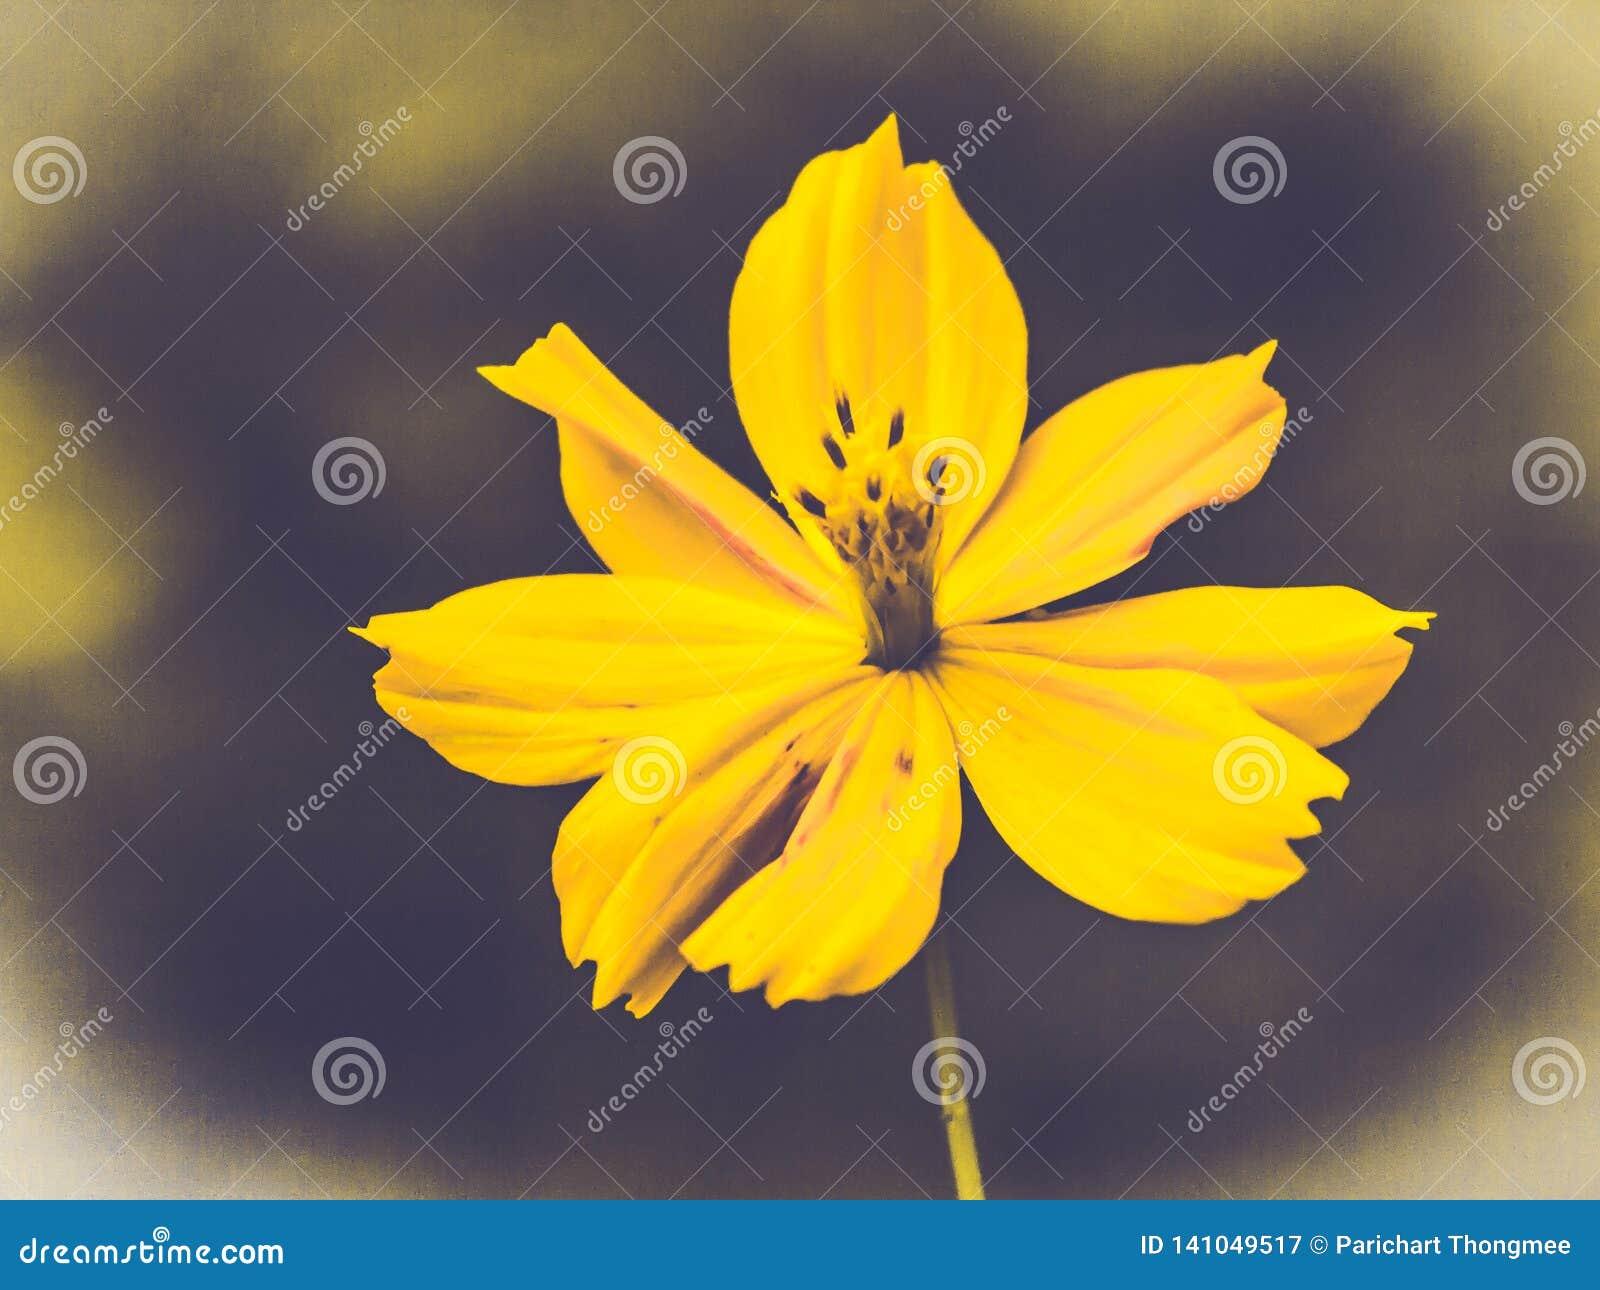 Śródpolny kosmosu kwiat dokąd słońce wzrasta Żółty brzmienie lato wiosny czas w kontekście niebieskie chmury odpowiadają trawy zi